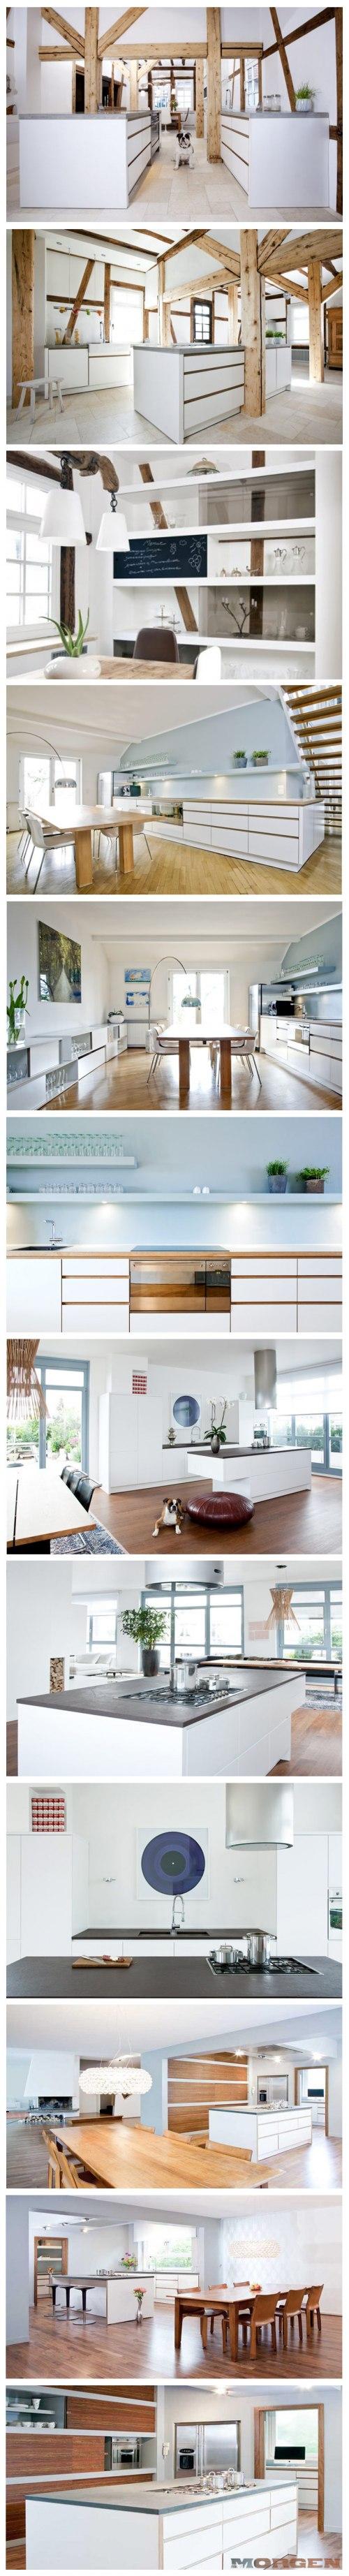 Yummy kitchen design by morgen studio   möbelgedöns   Pinterest ...